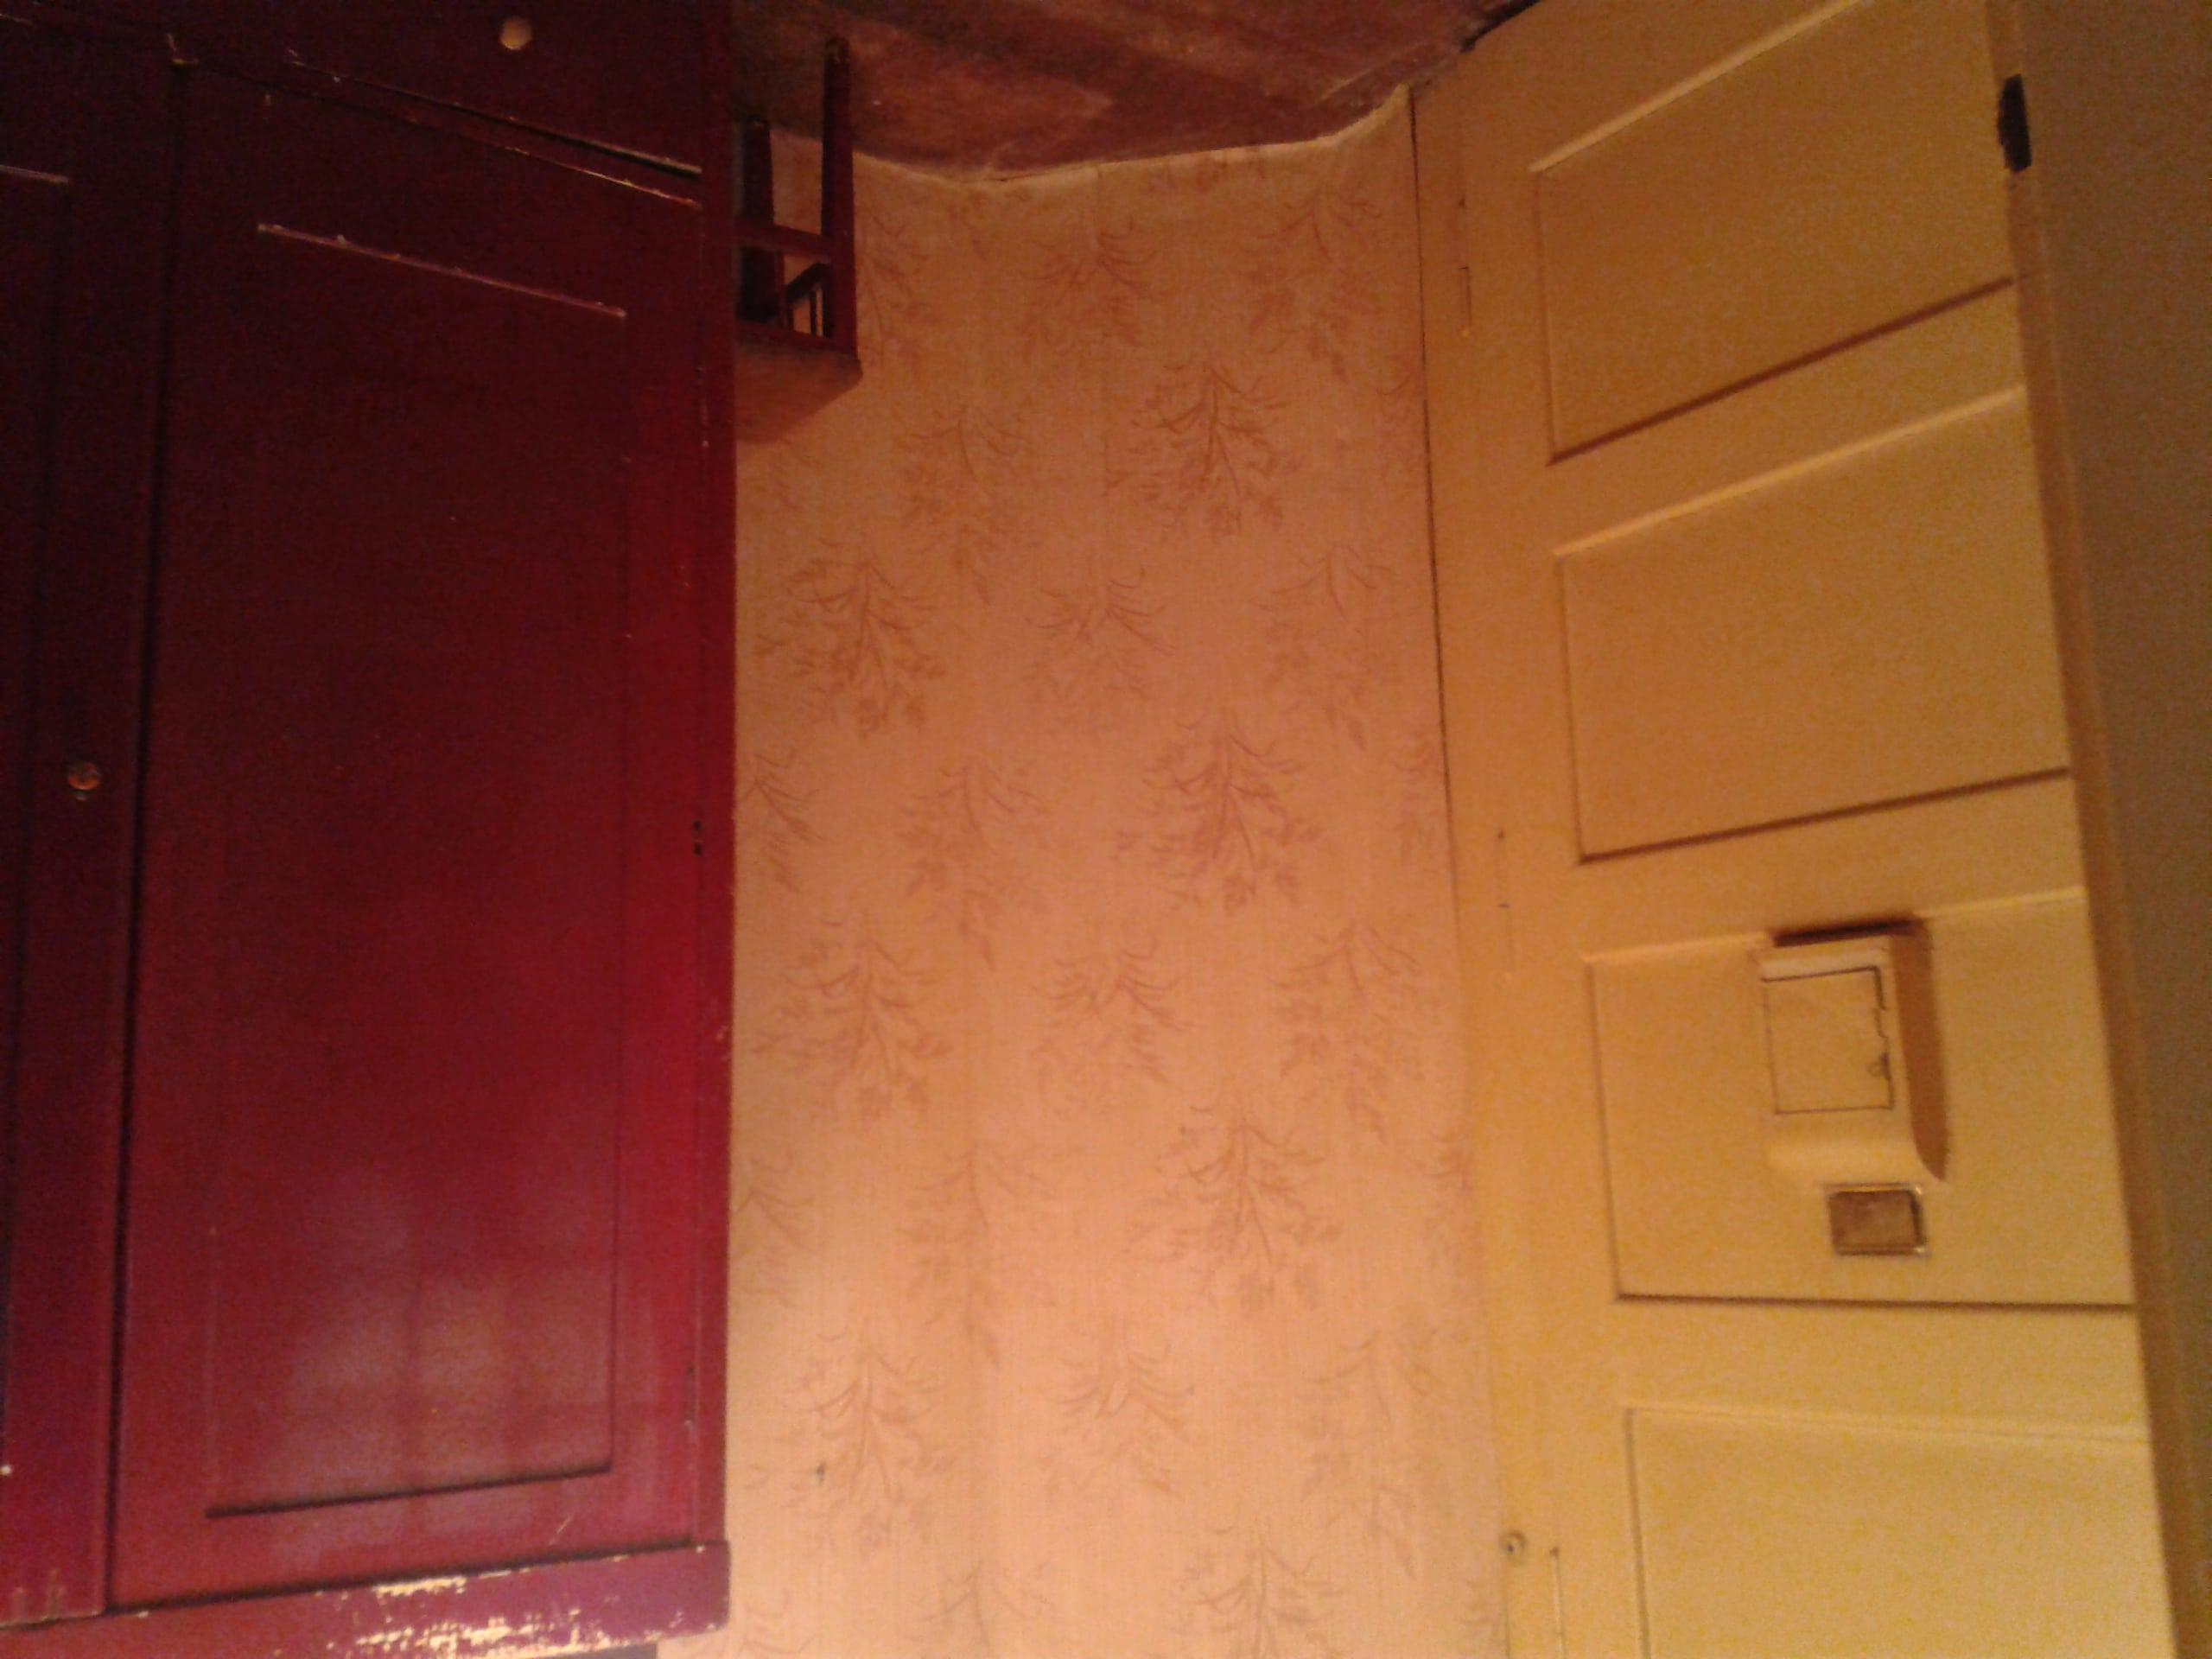 למכירה דירת 2 חדרים בשכונת ז'יז'קוב בפראג11 (9)